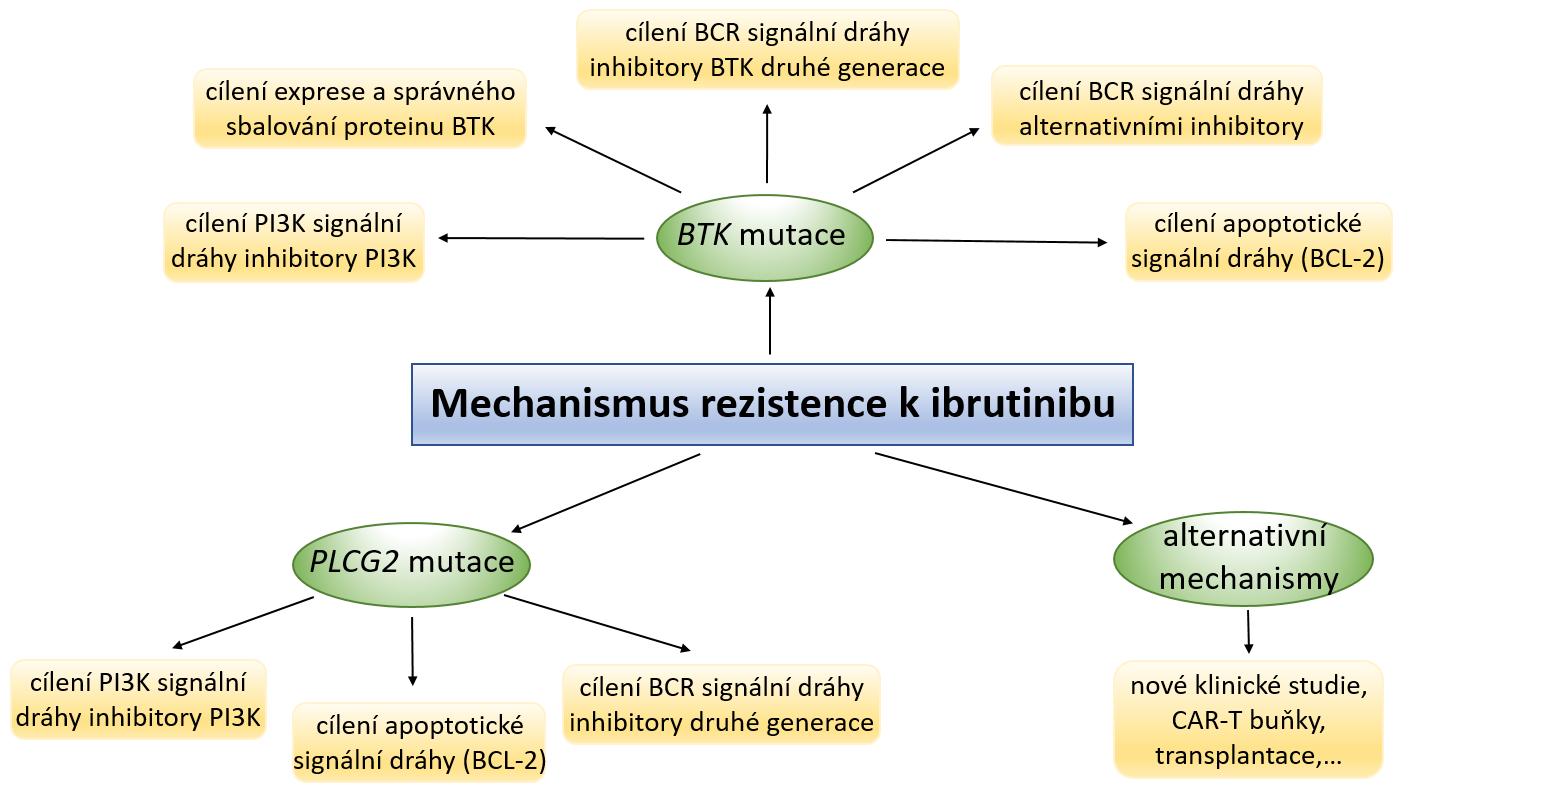 Mechanizmy rezistence vůči ibrutinibu a strategie jejího potenciálního překonání; adaptováno z [45].